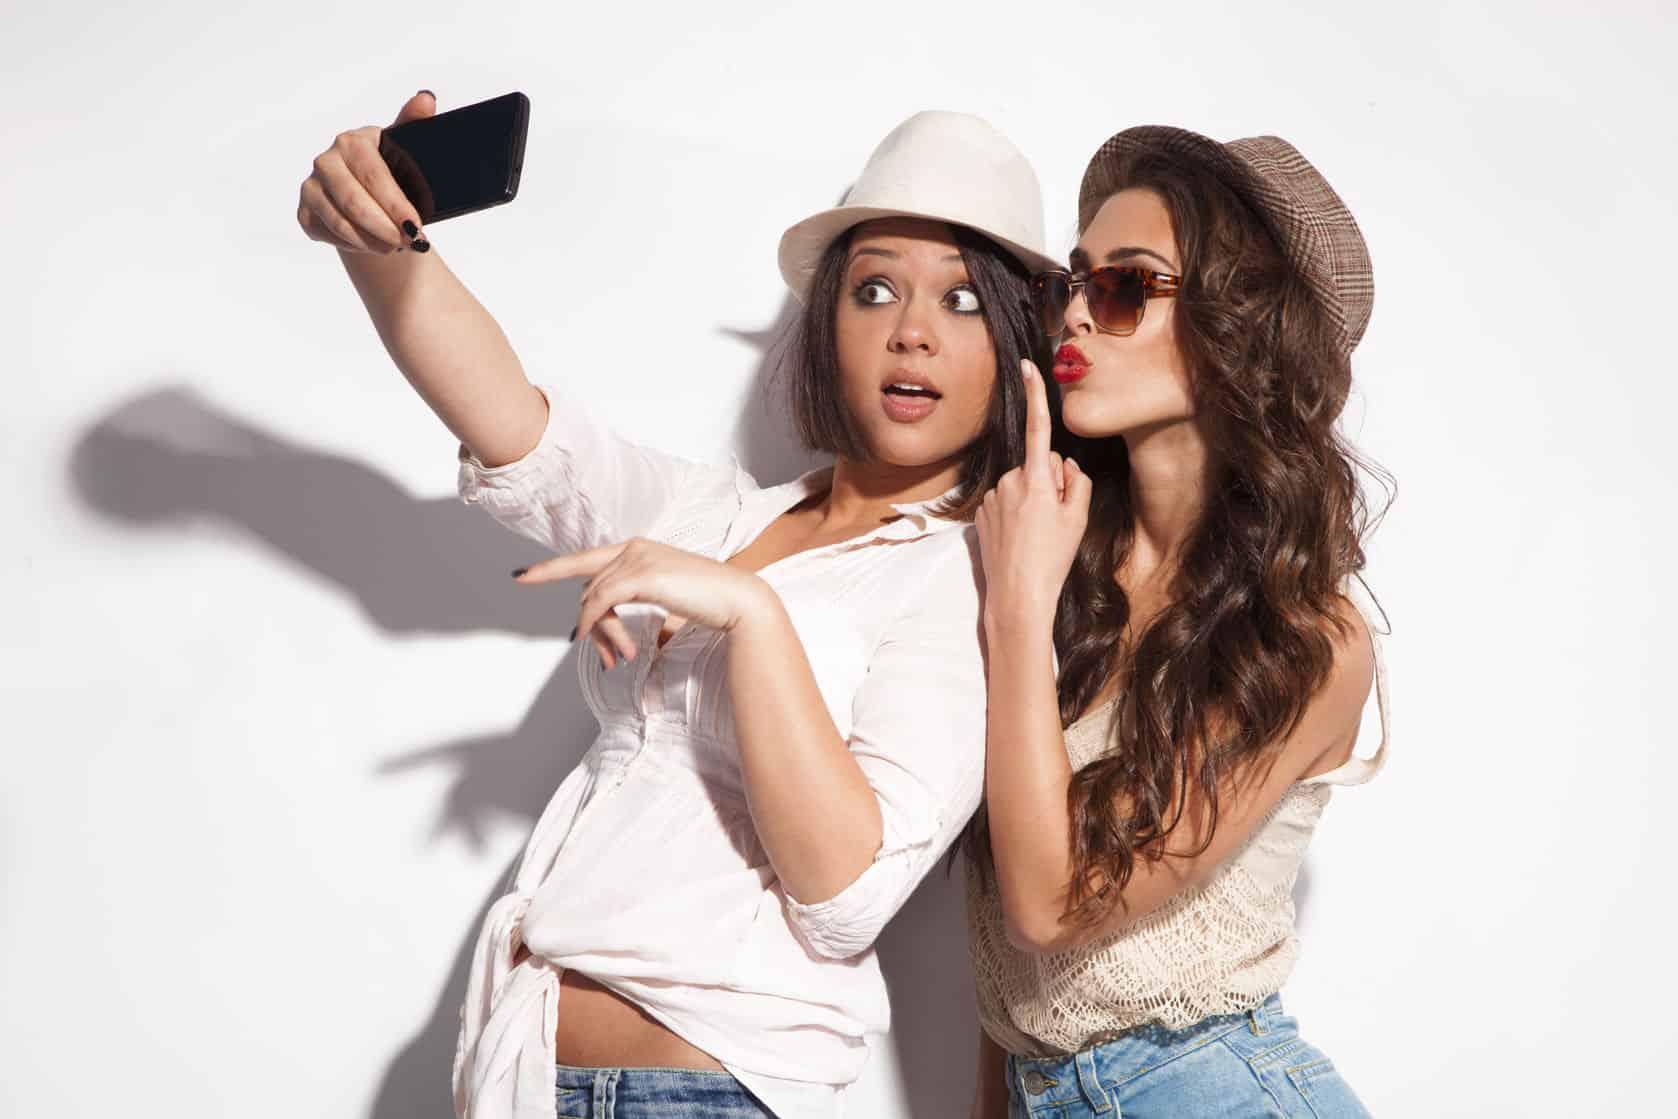 Zwei Frauen mit Smartphone